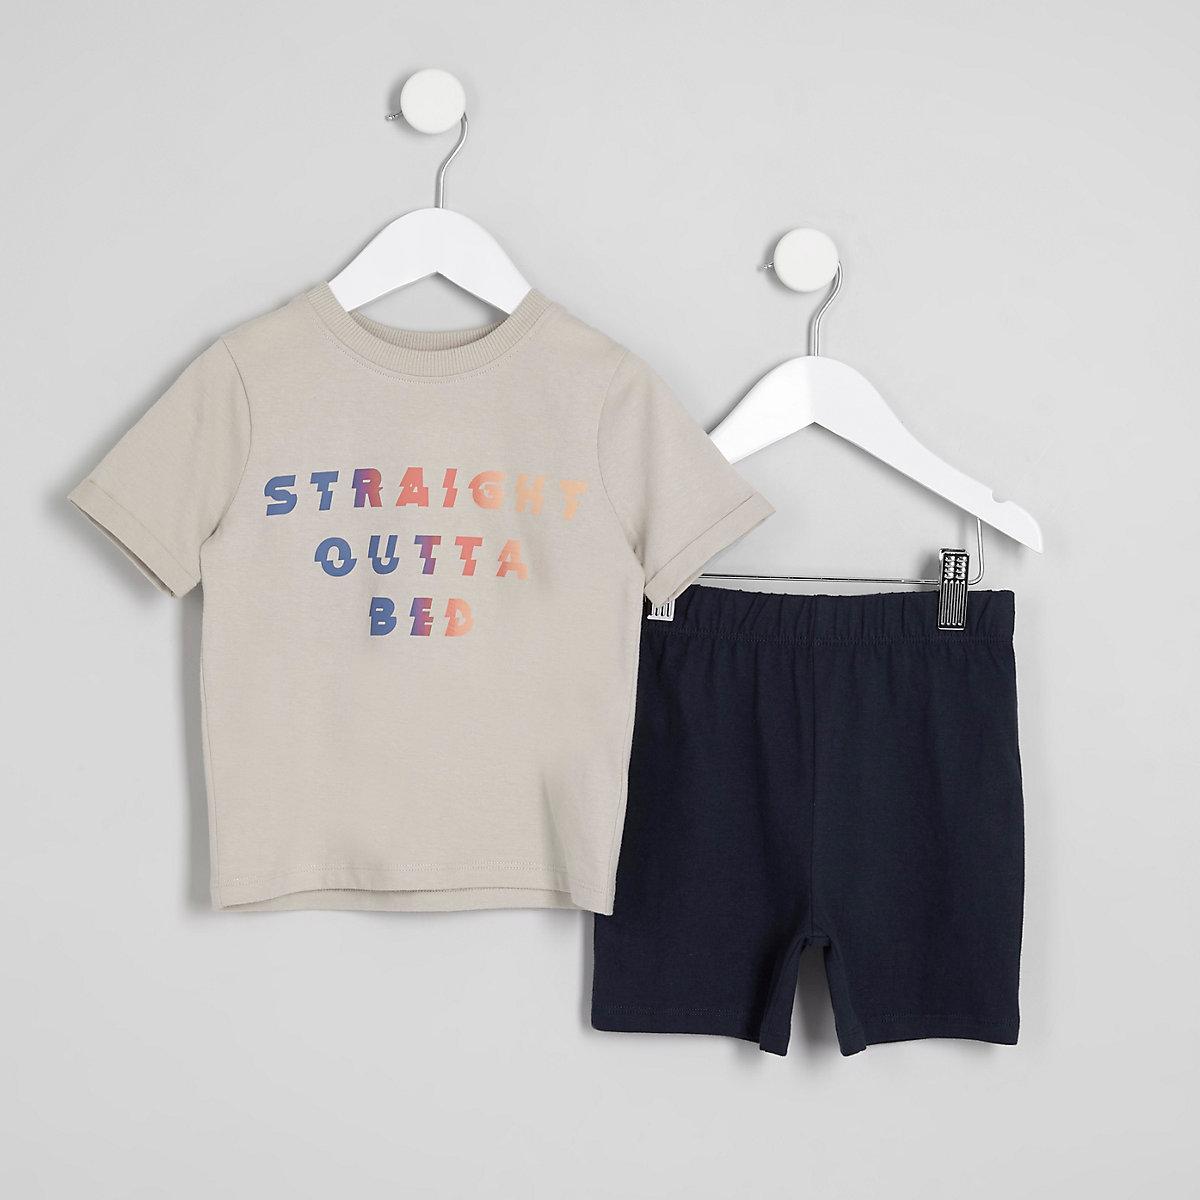 Mini - Pyjamaset met 'straight outta bed'-print voor jongens